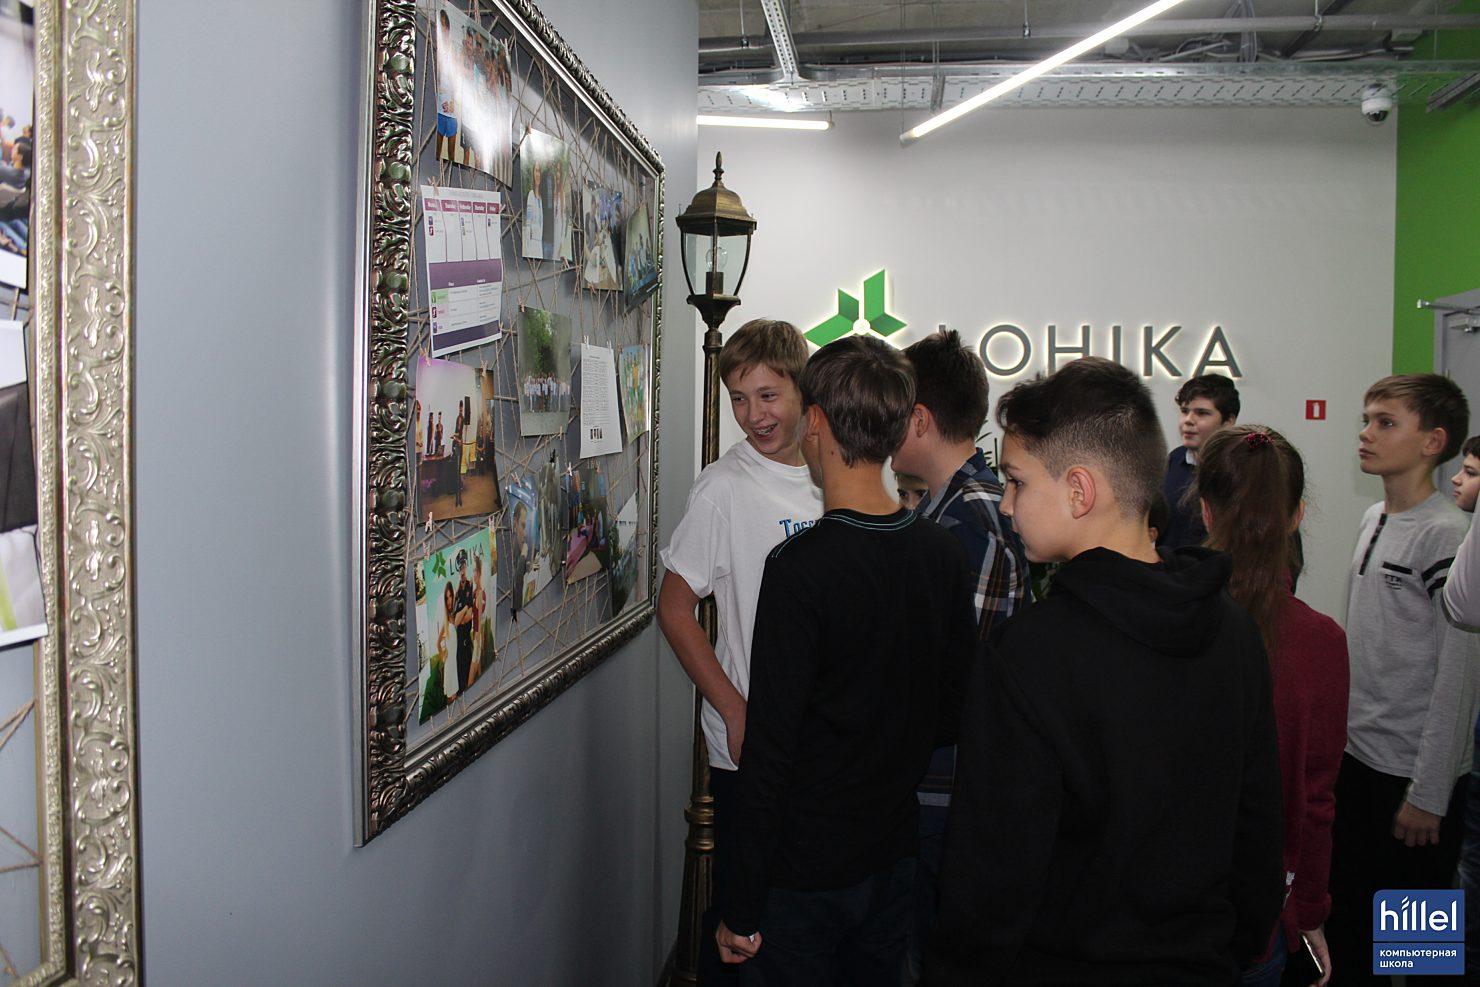 Новости школы: Ярко. Интеллектуально. Логично. Экскурсия Студентов детского курса в офис компании Lohika. юные Студенты изучают фотографии сотрудников Lohika